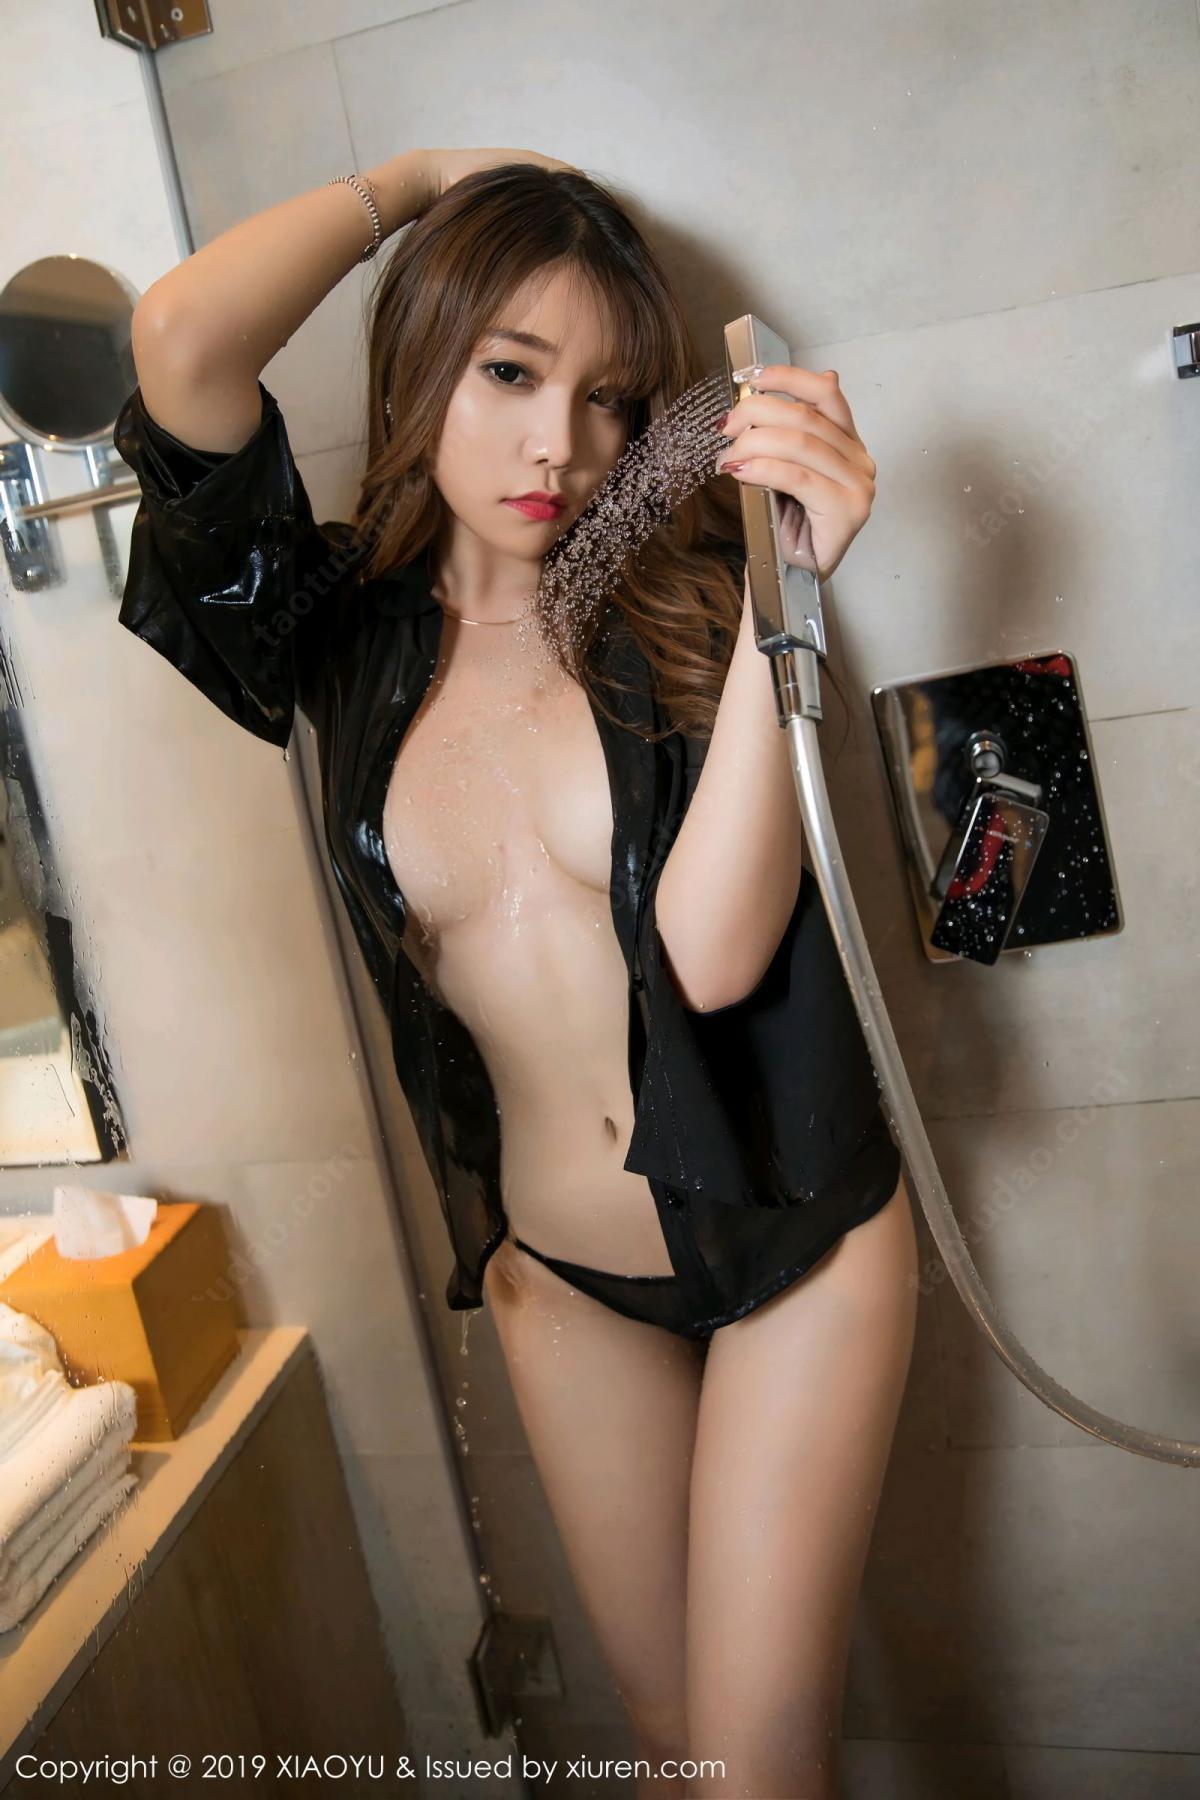 [XiaoYu] Vol.105 Chen Zhi 27P, Bathroom, Big Booty, Chen Zhi, Wet, XiaoYu